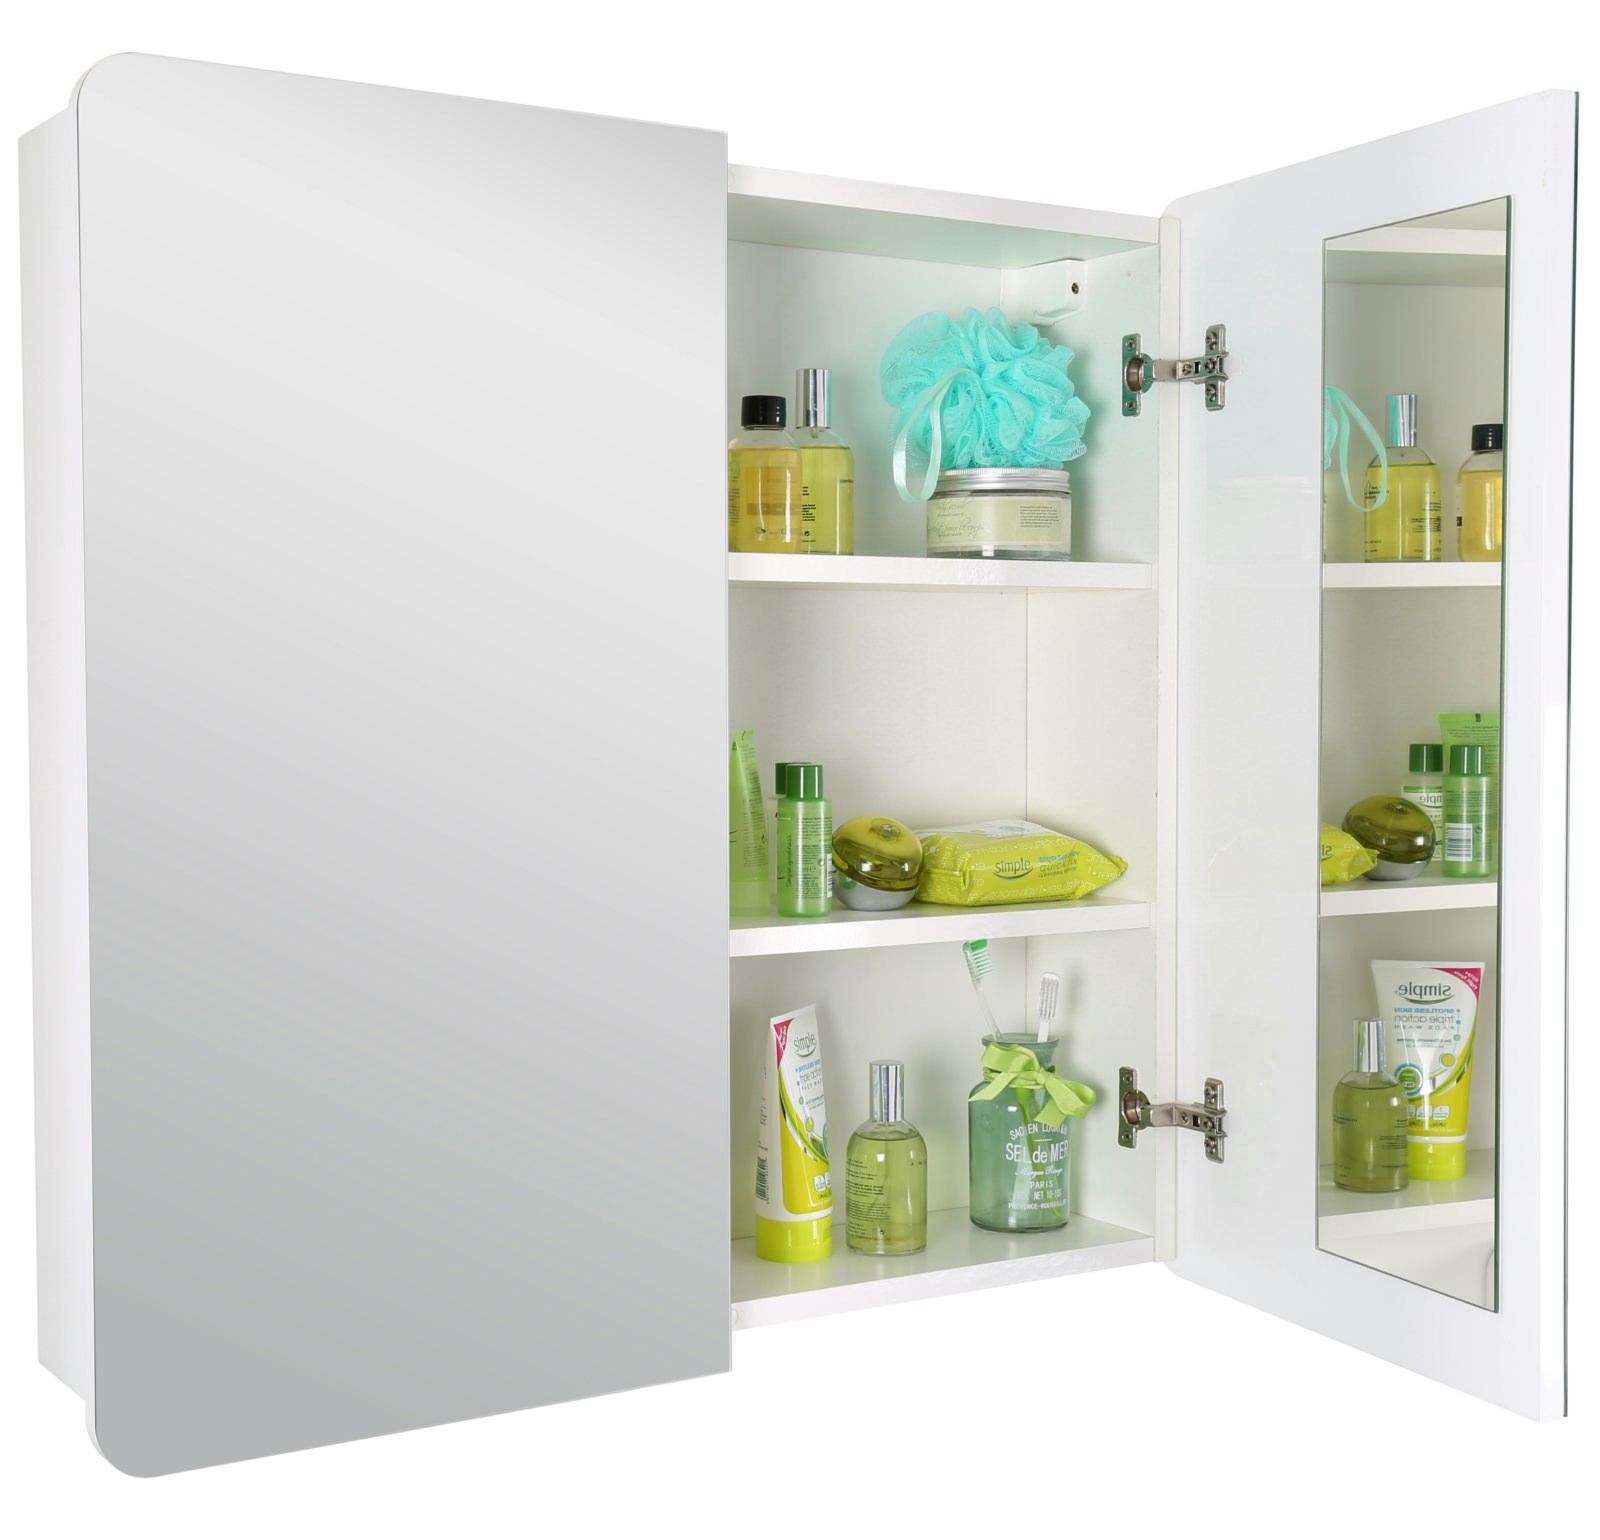 croydex ryton double door bi view cabinet wc710222